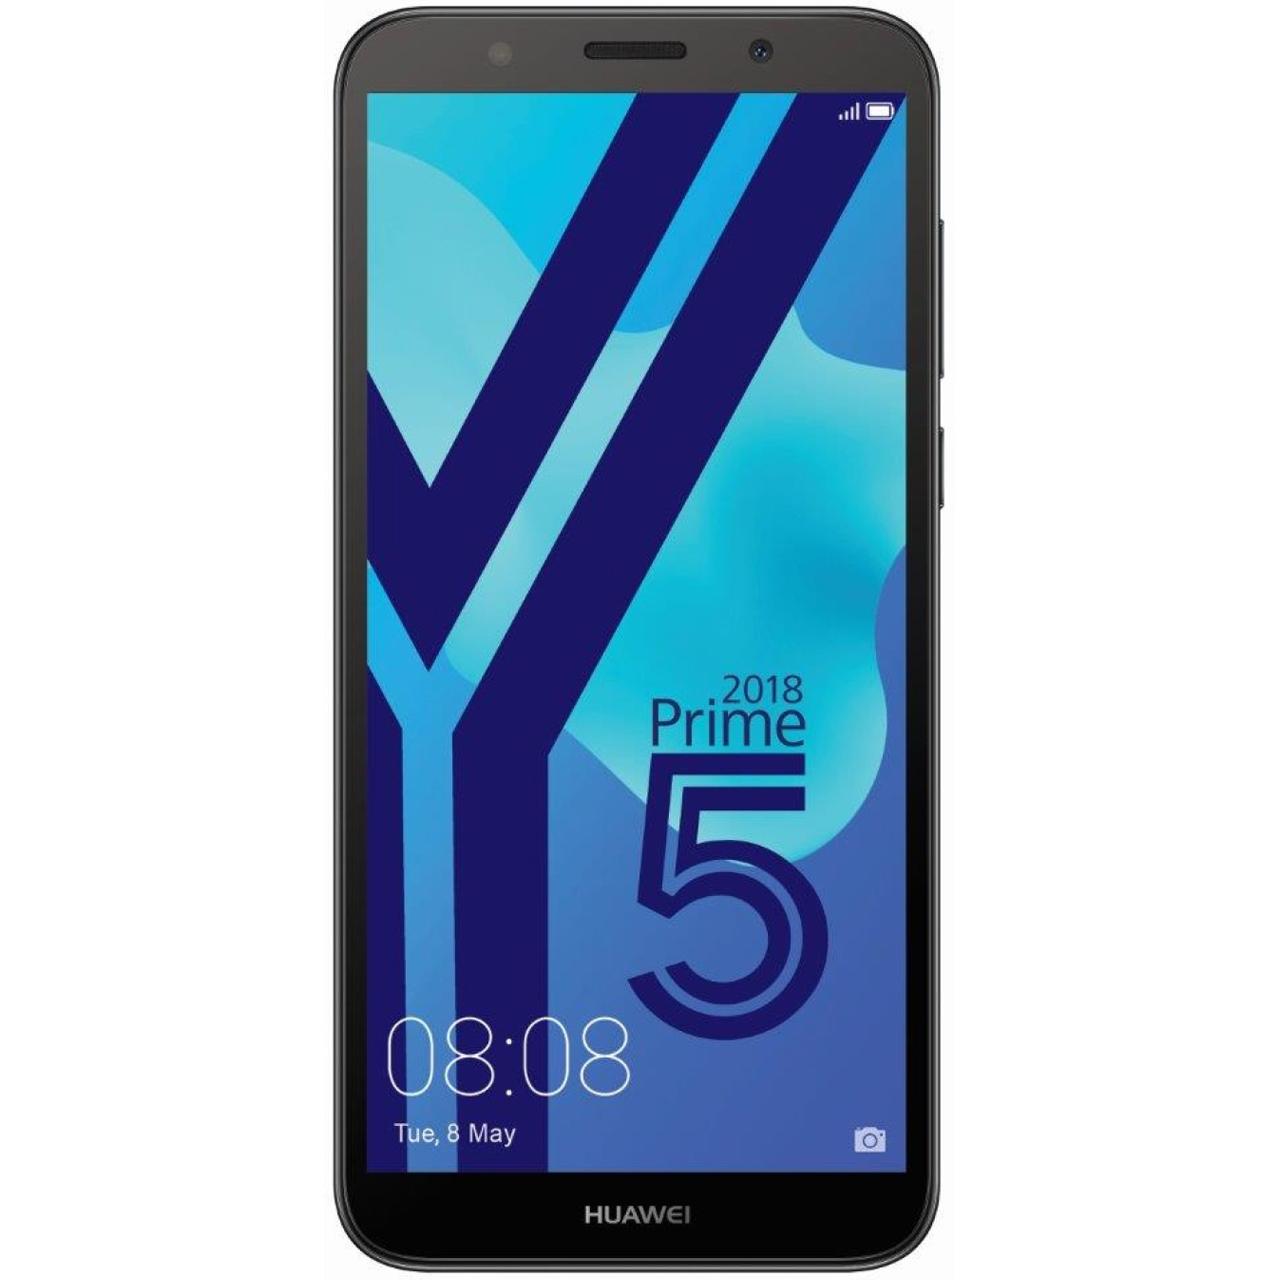 گوشی موبایل هوآوی مدل Y5 Prime 2018 DRA-LX2 دو سیم کارت ظرفیت 16 گیگابایت | Huawei Y5 Prime 2018 DRA-LX2 Dual SIM 16GB Mobile Phone